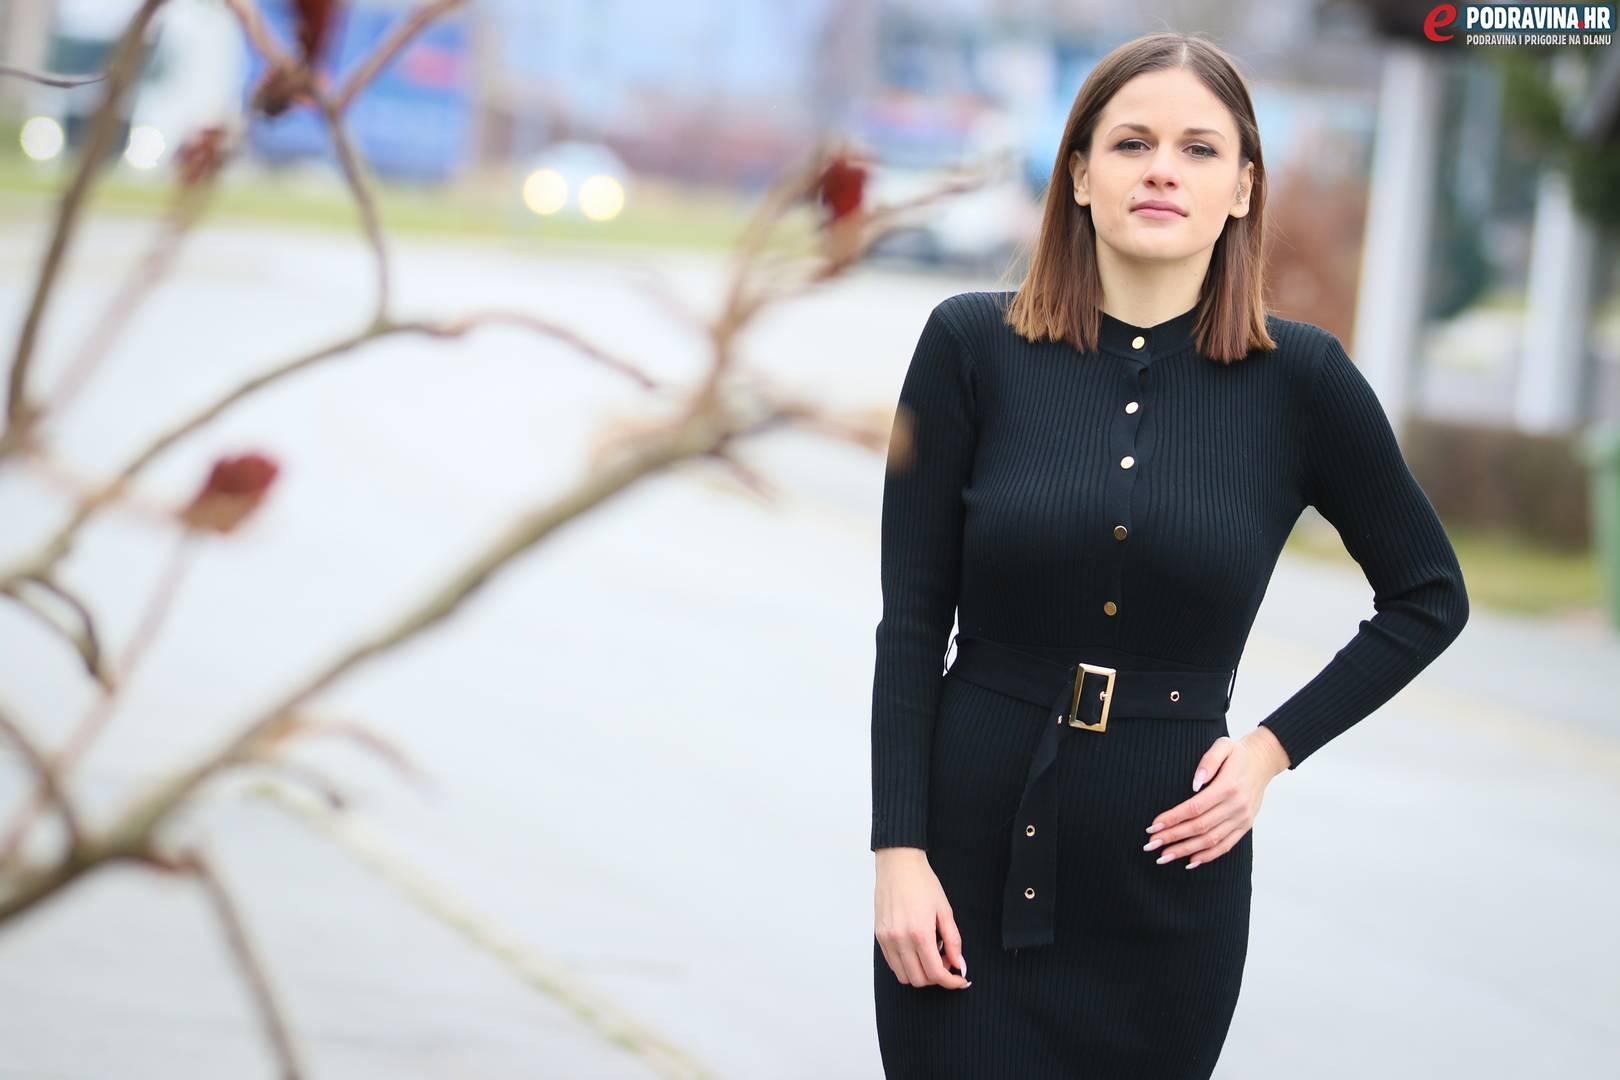 Iva Horvat // Foto: Matija Gudlin